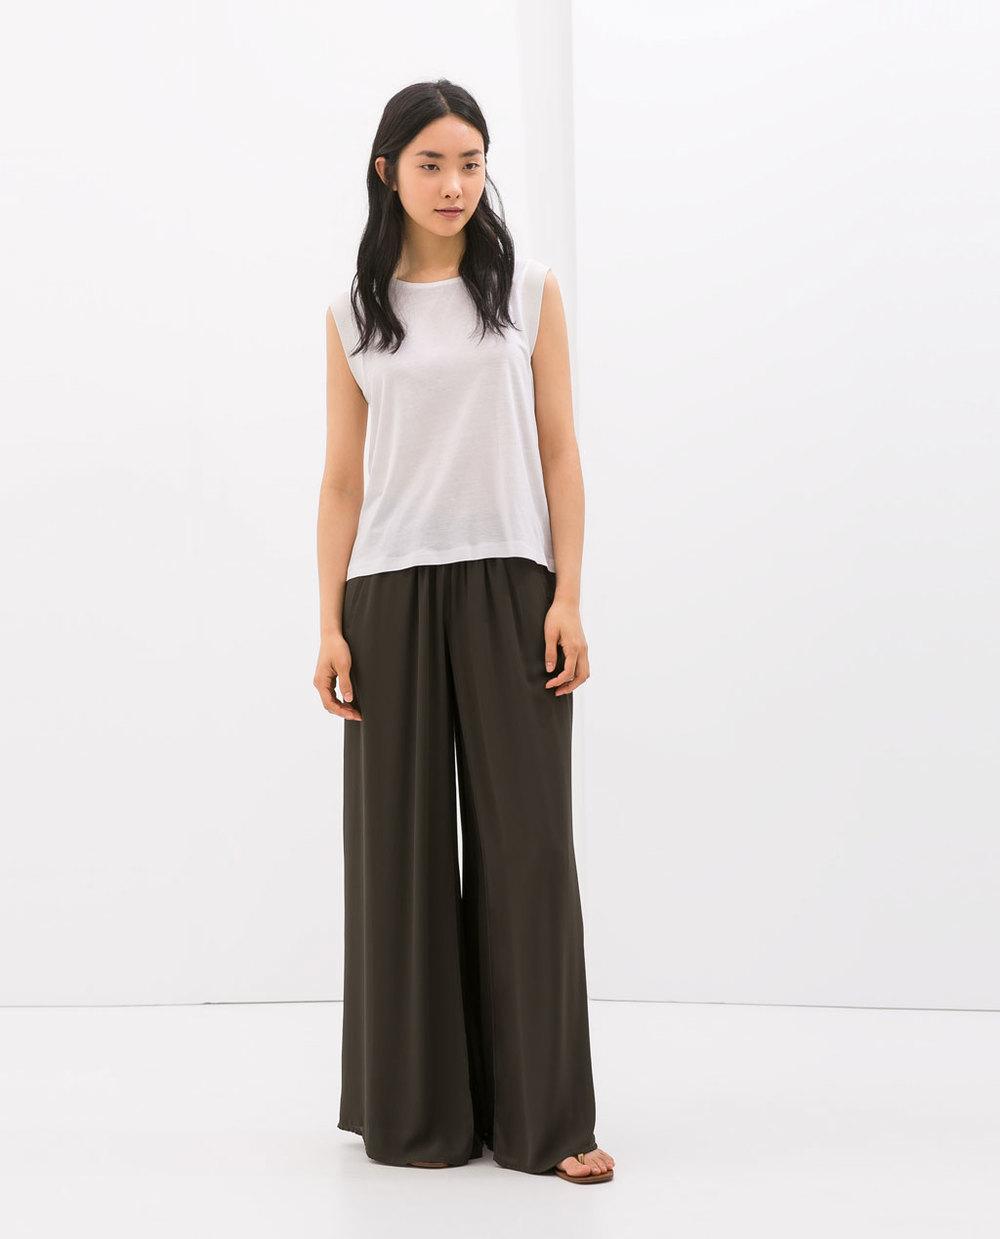 Layered Palazzo Trouser. Zara.com. $25.90